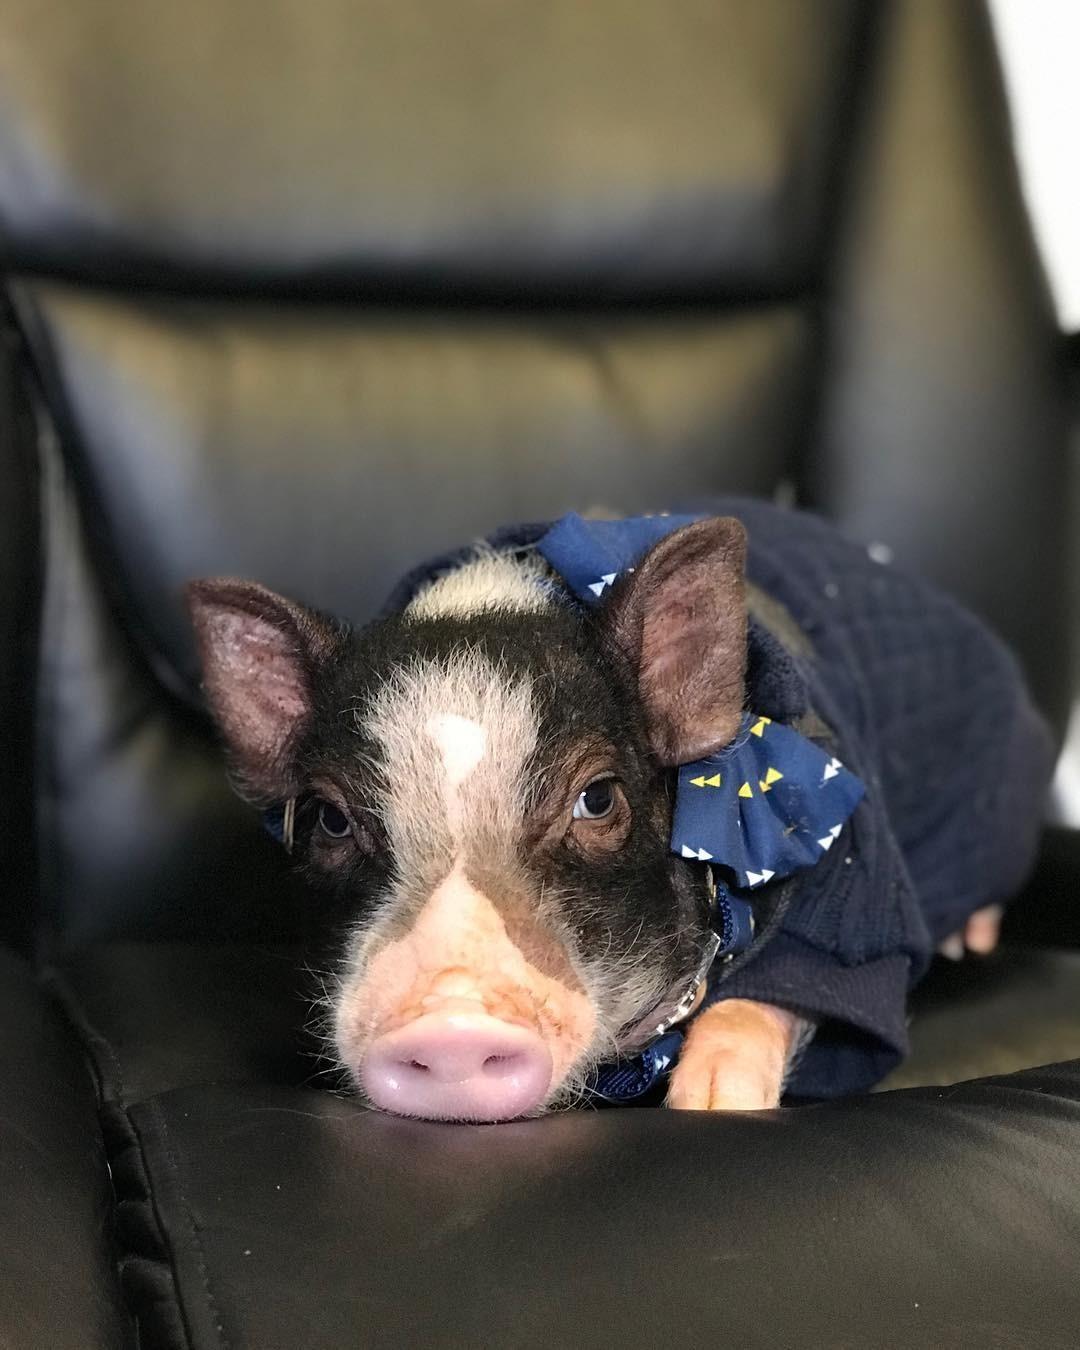 Эту щеголеватую свинку зовут Джо, ион просто обожает наряжаться. Точнее, хозяева любят переодевать Джо вразличные костюмы, а он ине сопротивляется. ПередНовым годом он примерил нетол...